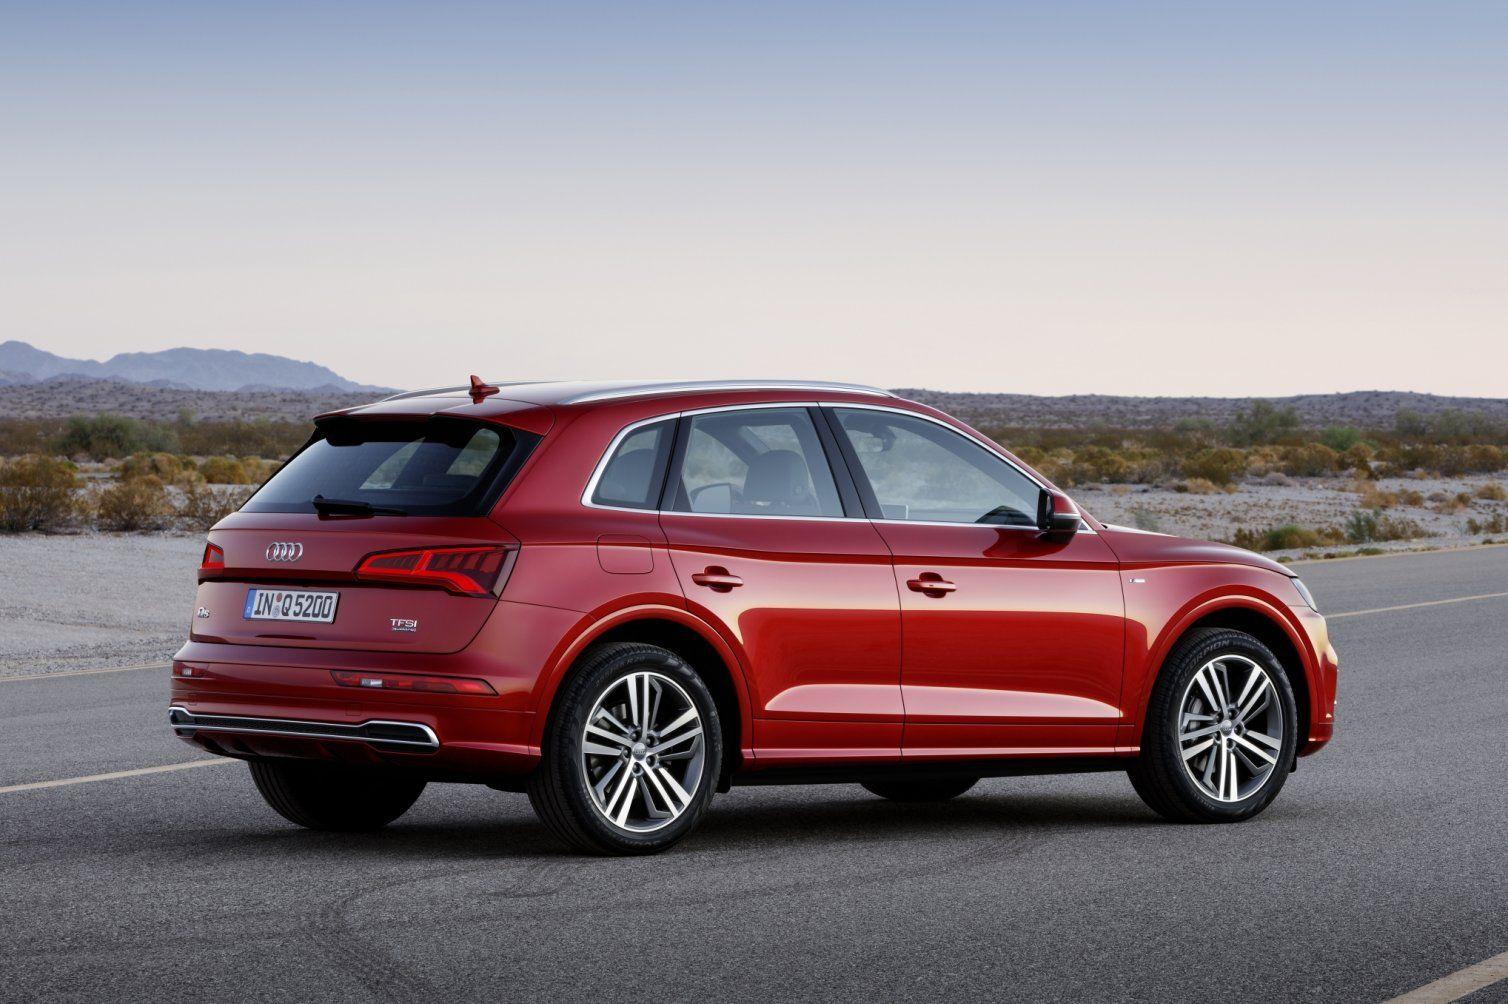 De nieuwe Audi Q5 alle details Autonieuws Autowereld